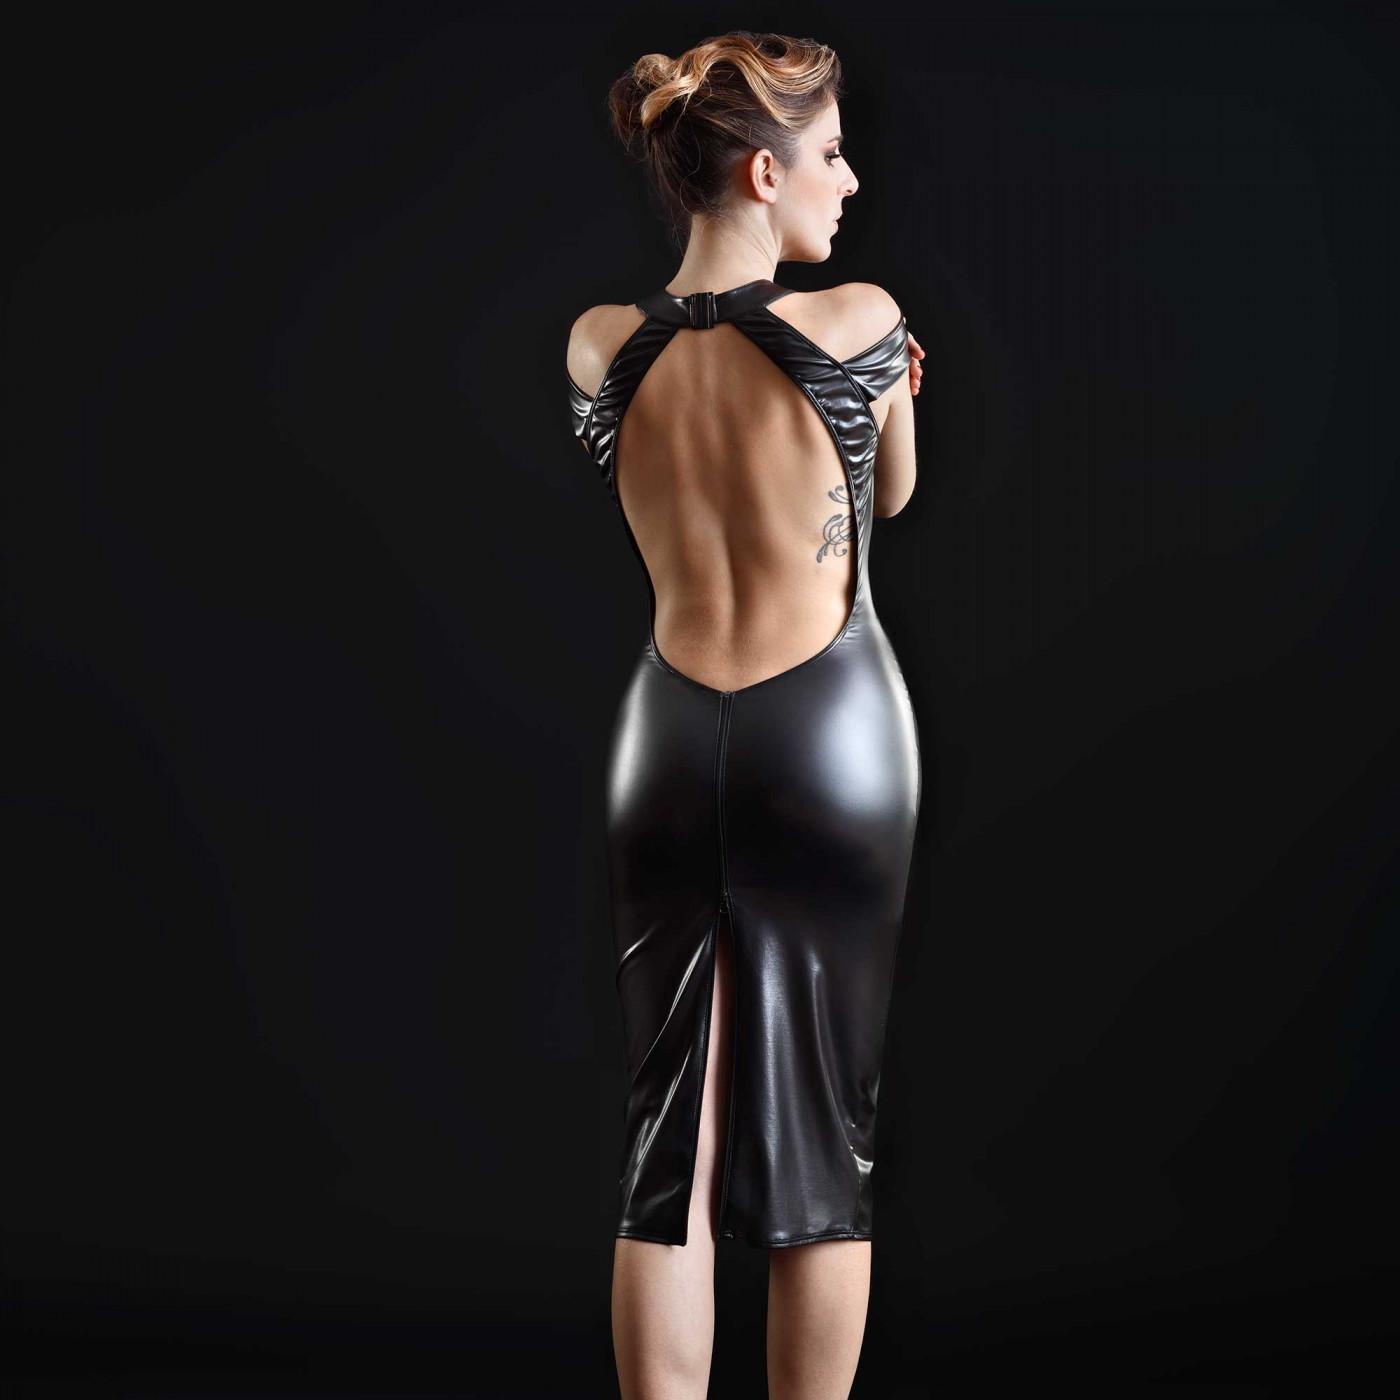 Smoothe, robe sexy en wetlook noir - Patrice Catanzaro